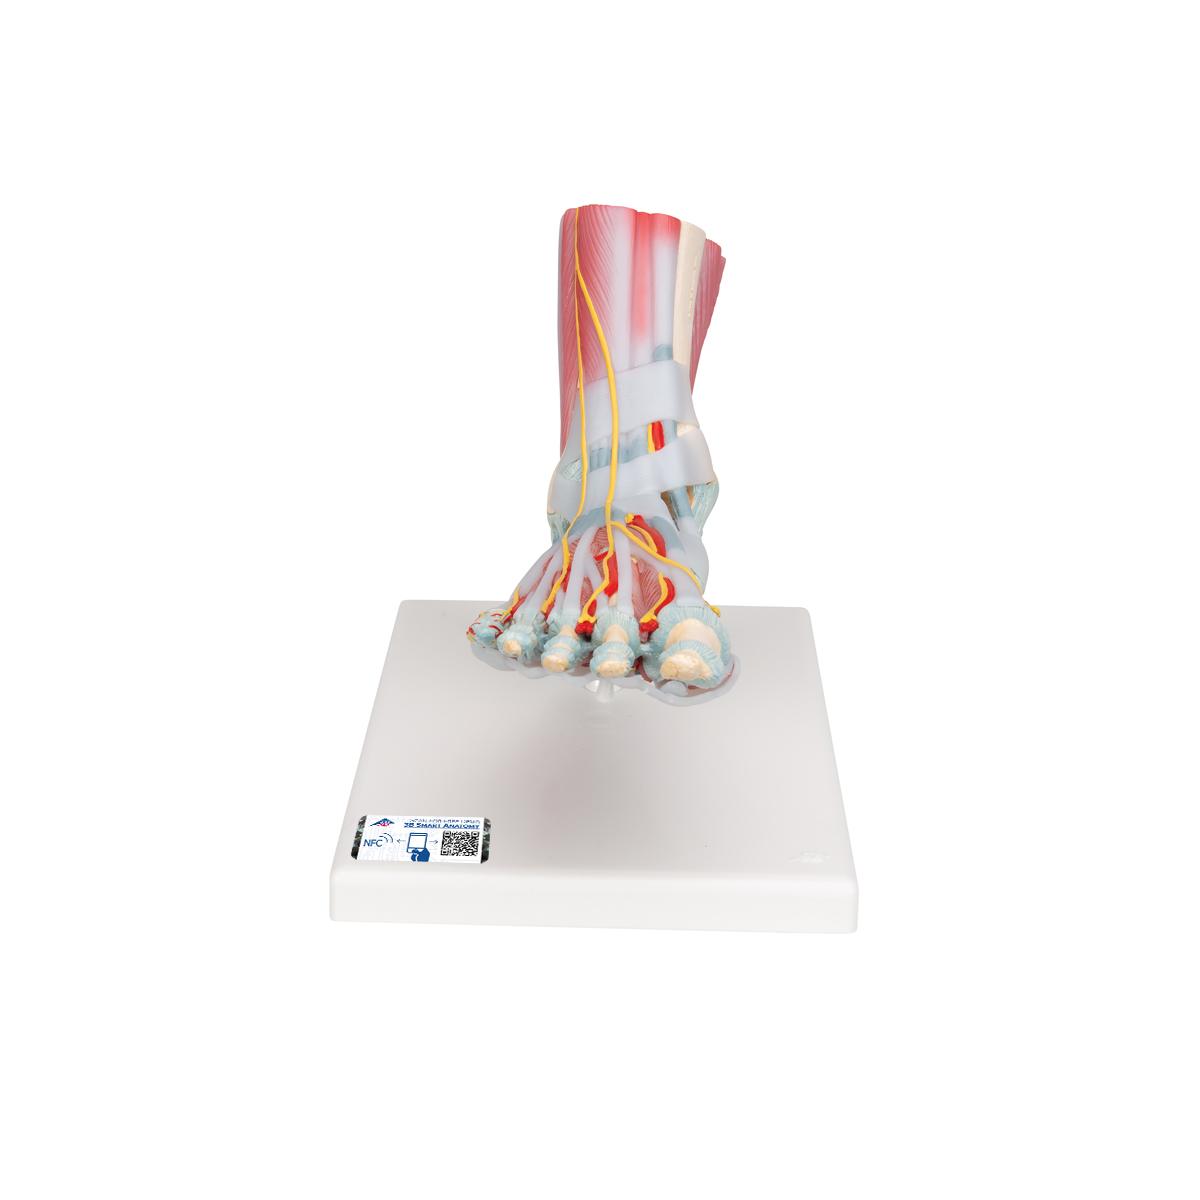 Modell des Fußskeletts mit Bändern und Muskeln - 1019421 - M34/1 ...